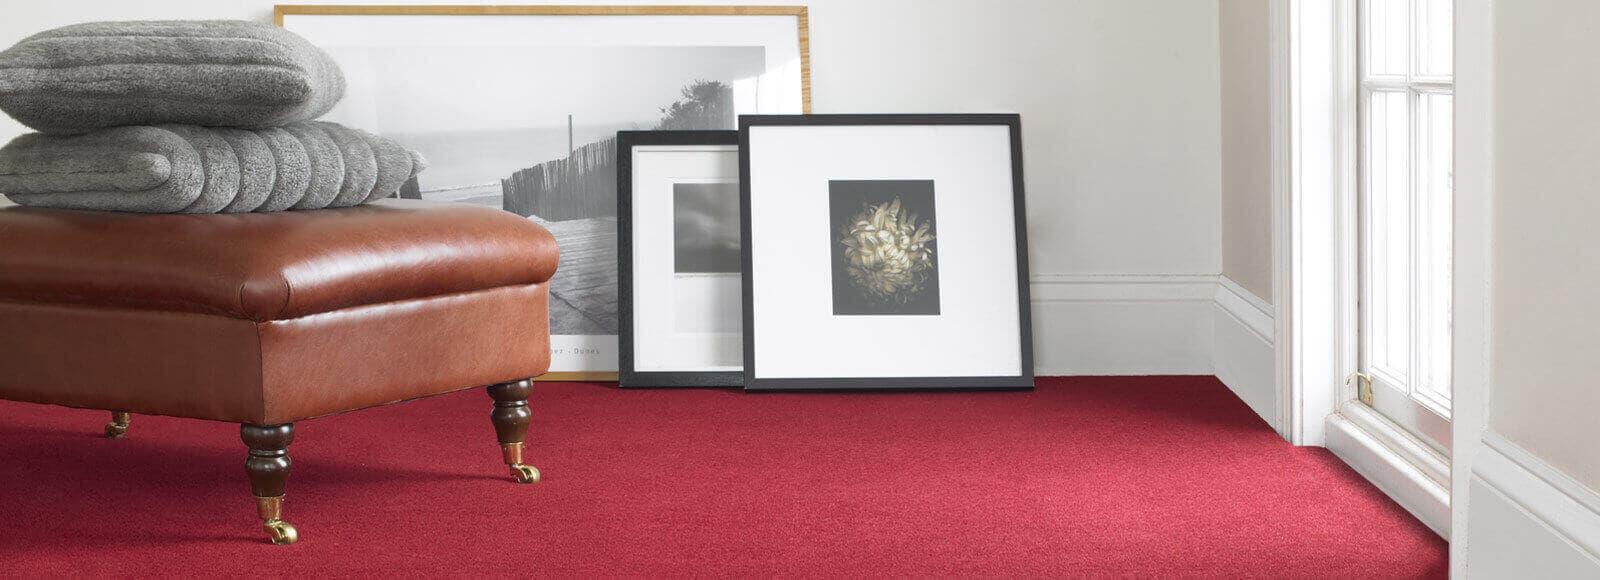 Abingdon's Wilton Royal Charter Supreme Gold